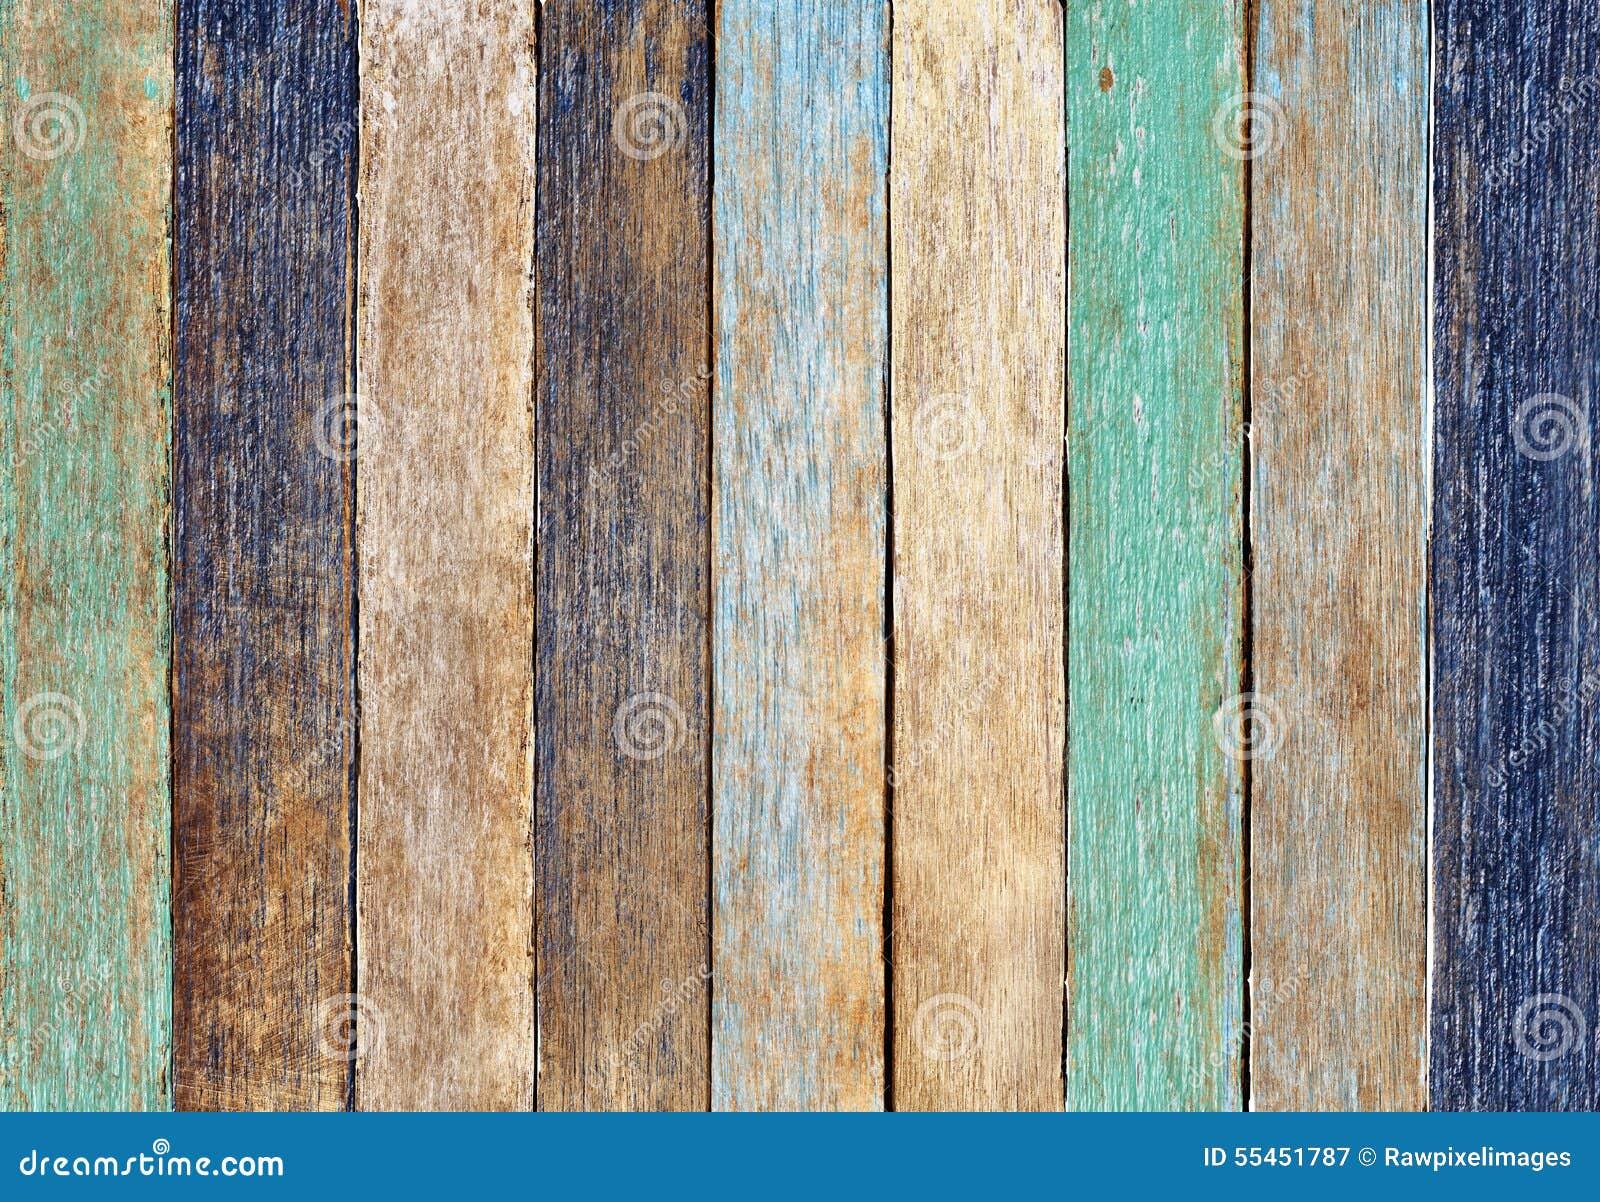 Buntes hölzernes Planken-Wand-Hintergrund-Konzept